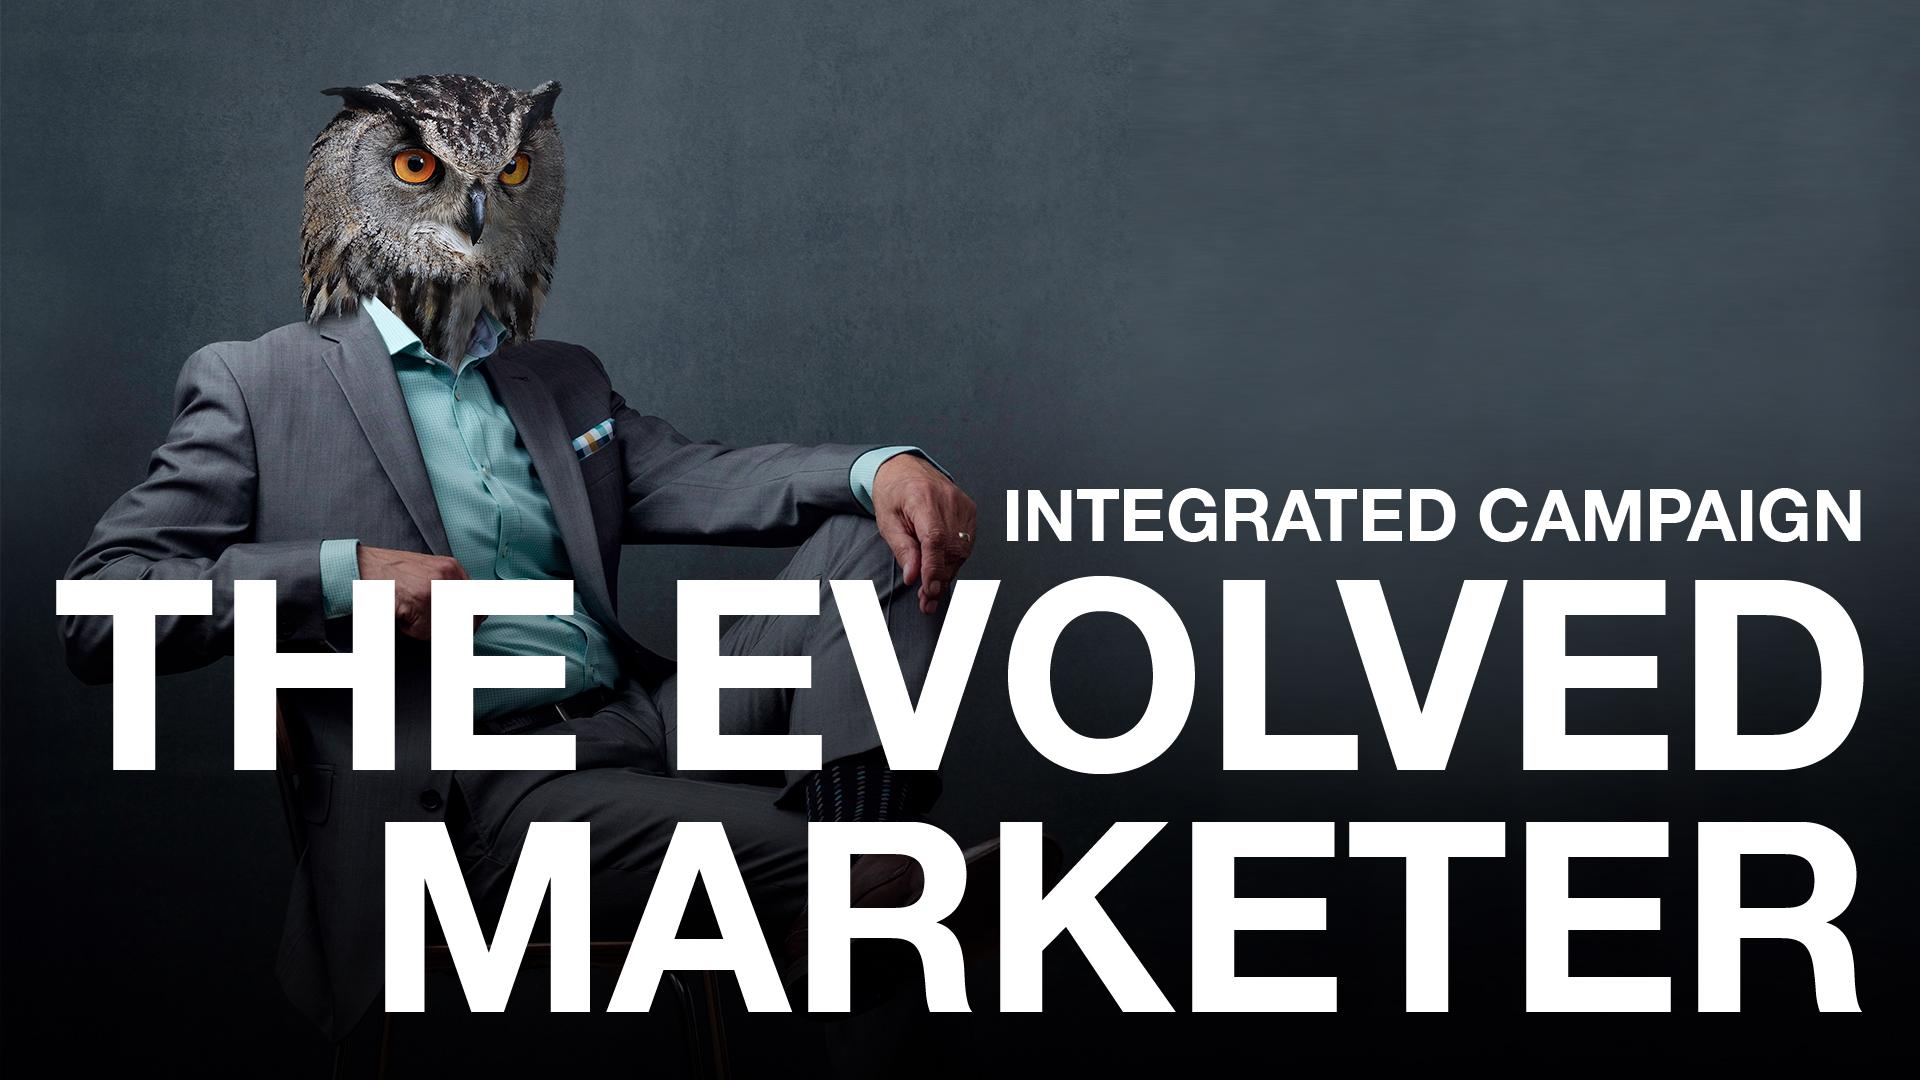 The Evolved Marketer